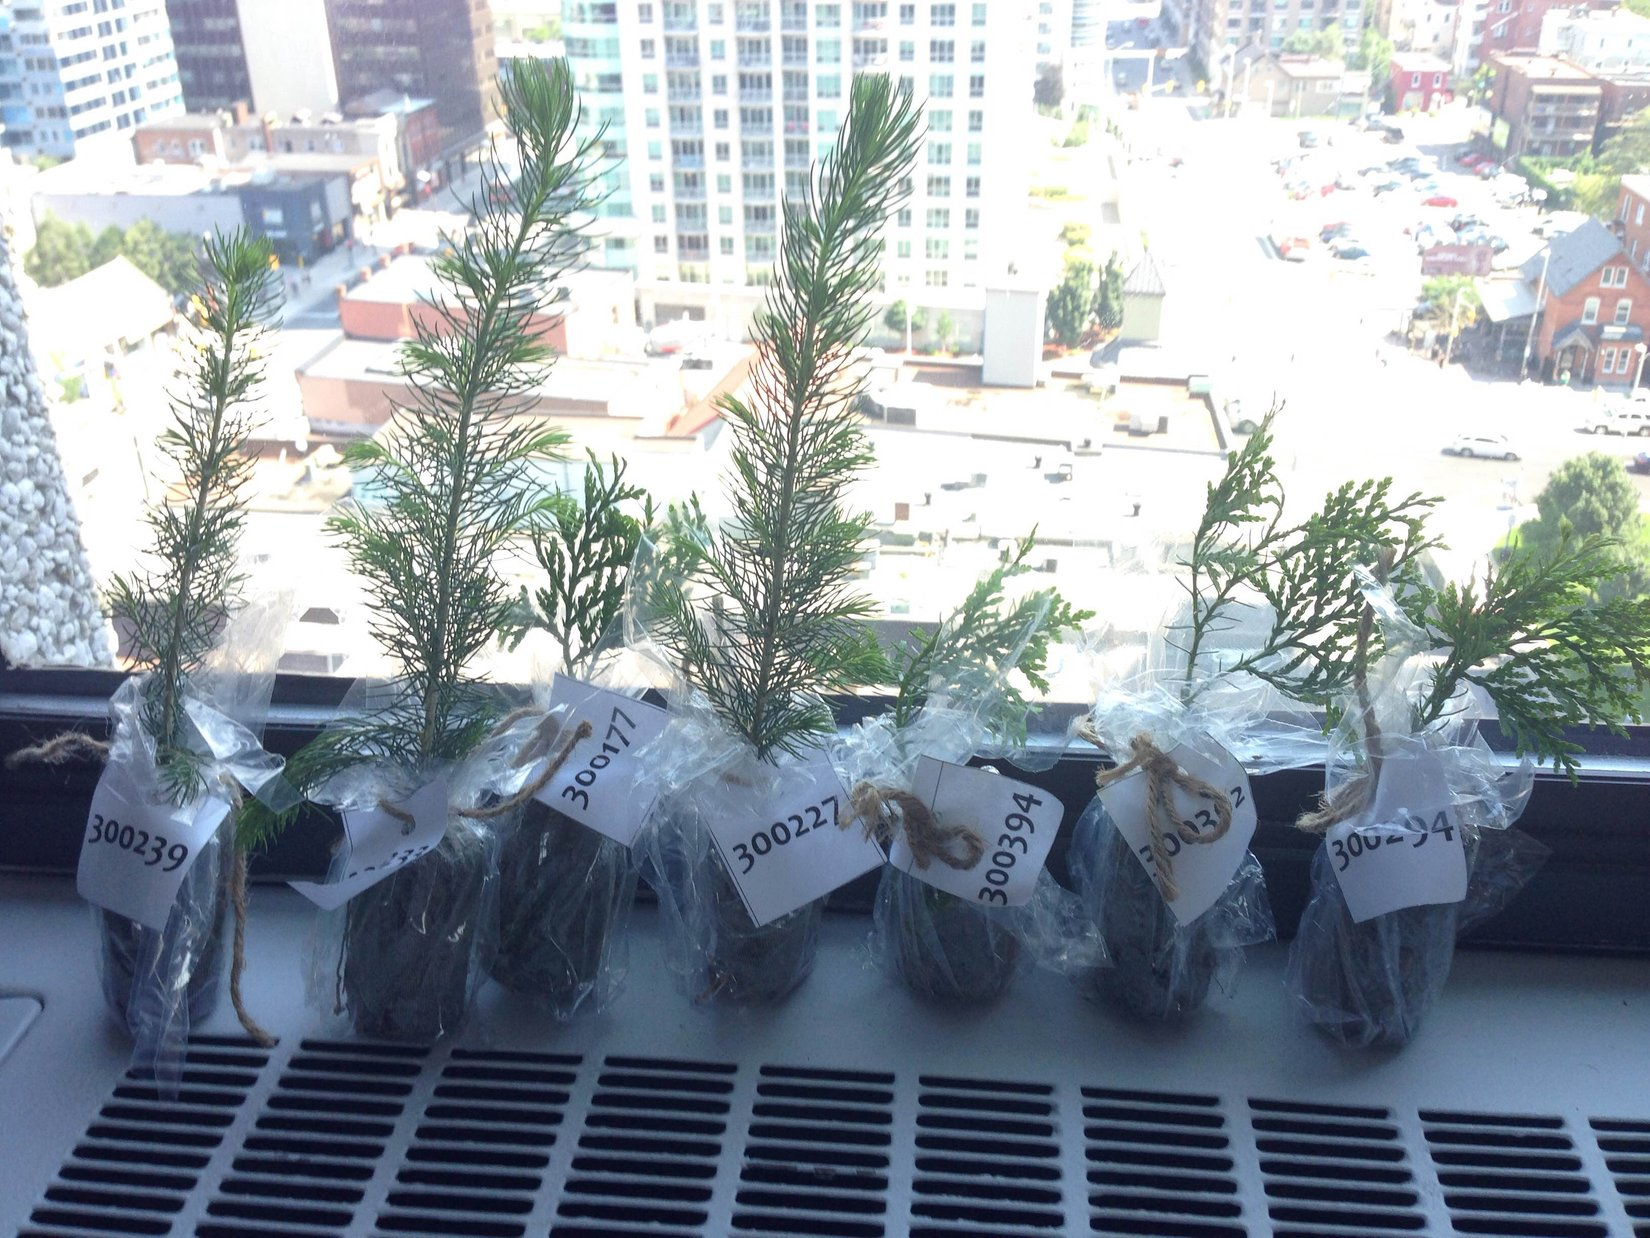 Trees on windowsil